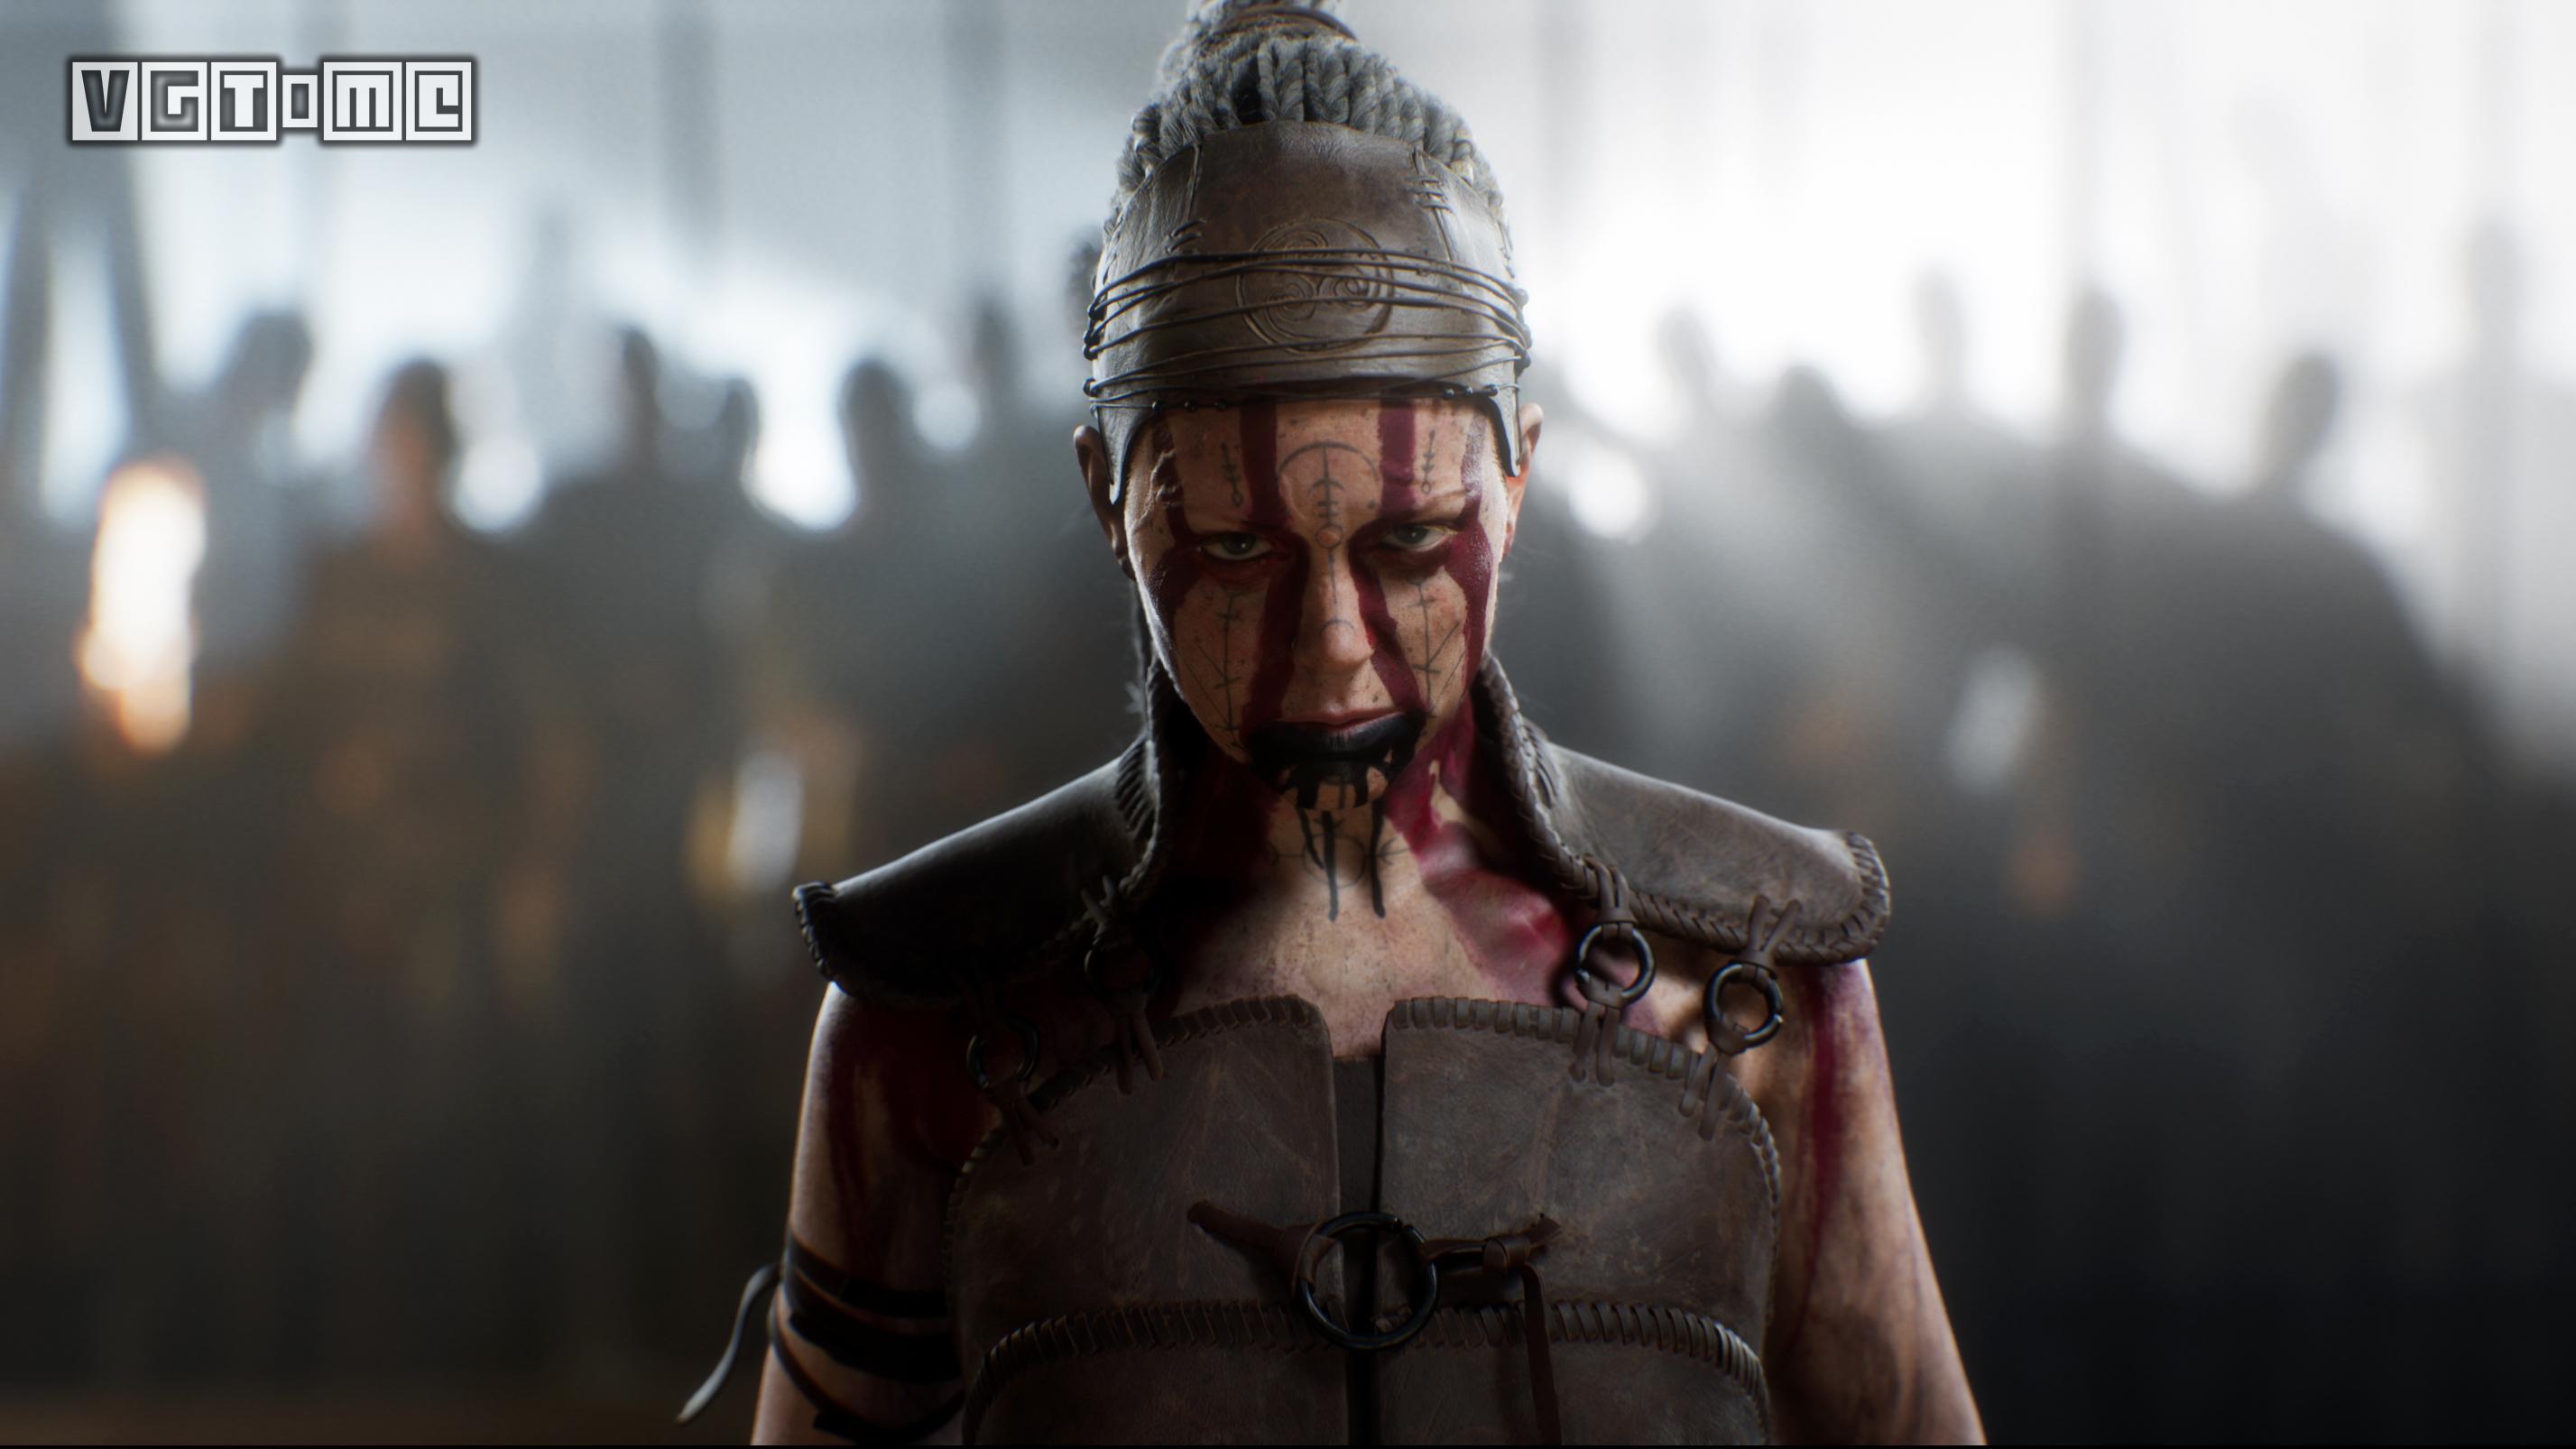 微軟:接下來準備重點展示Xbox Series X的游戲陣容